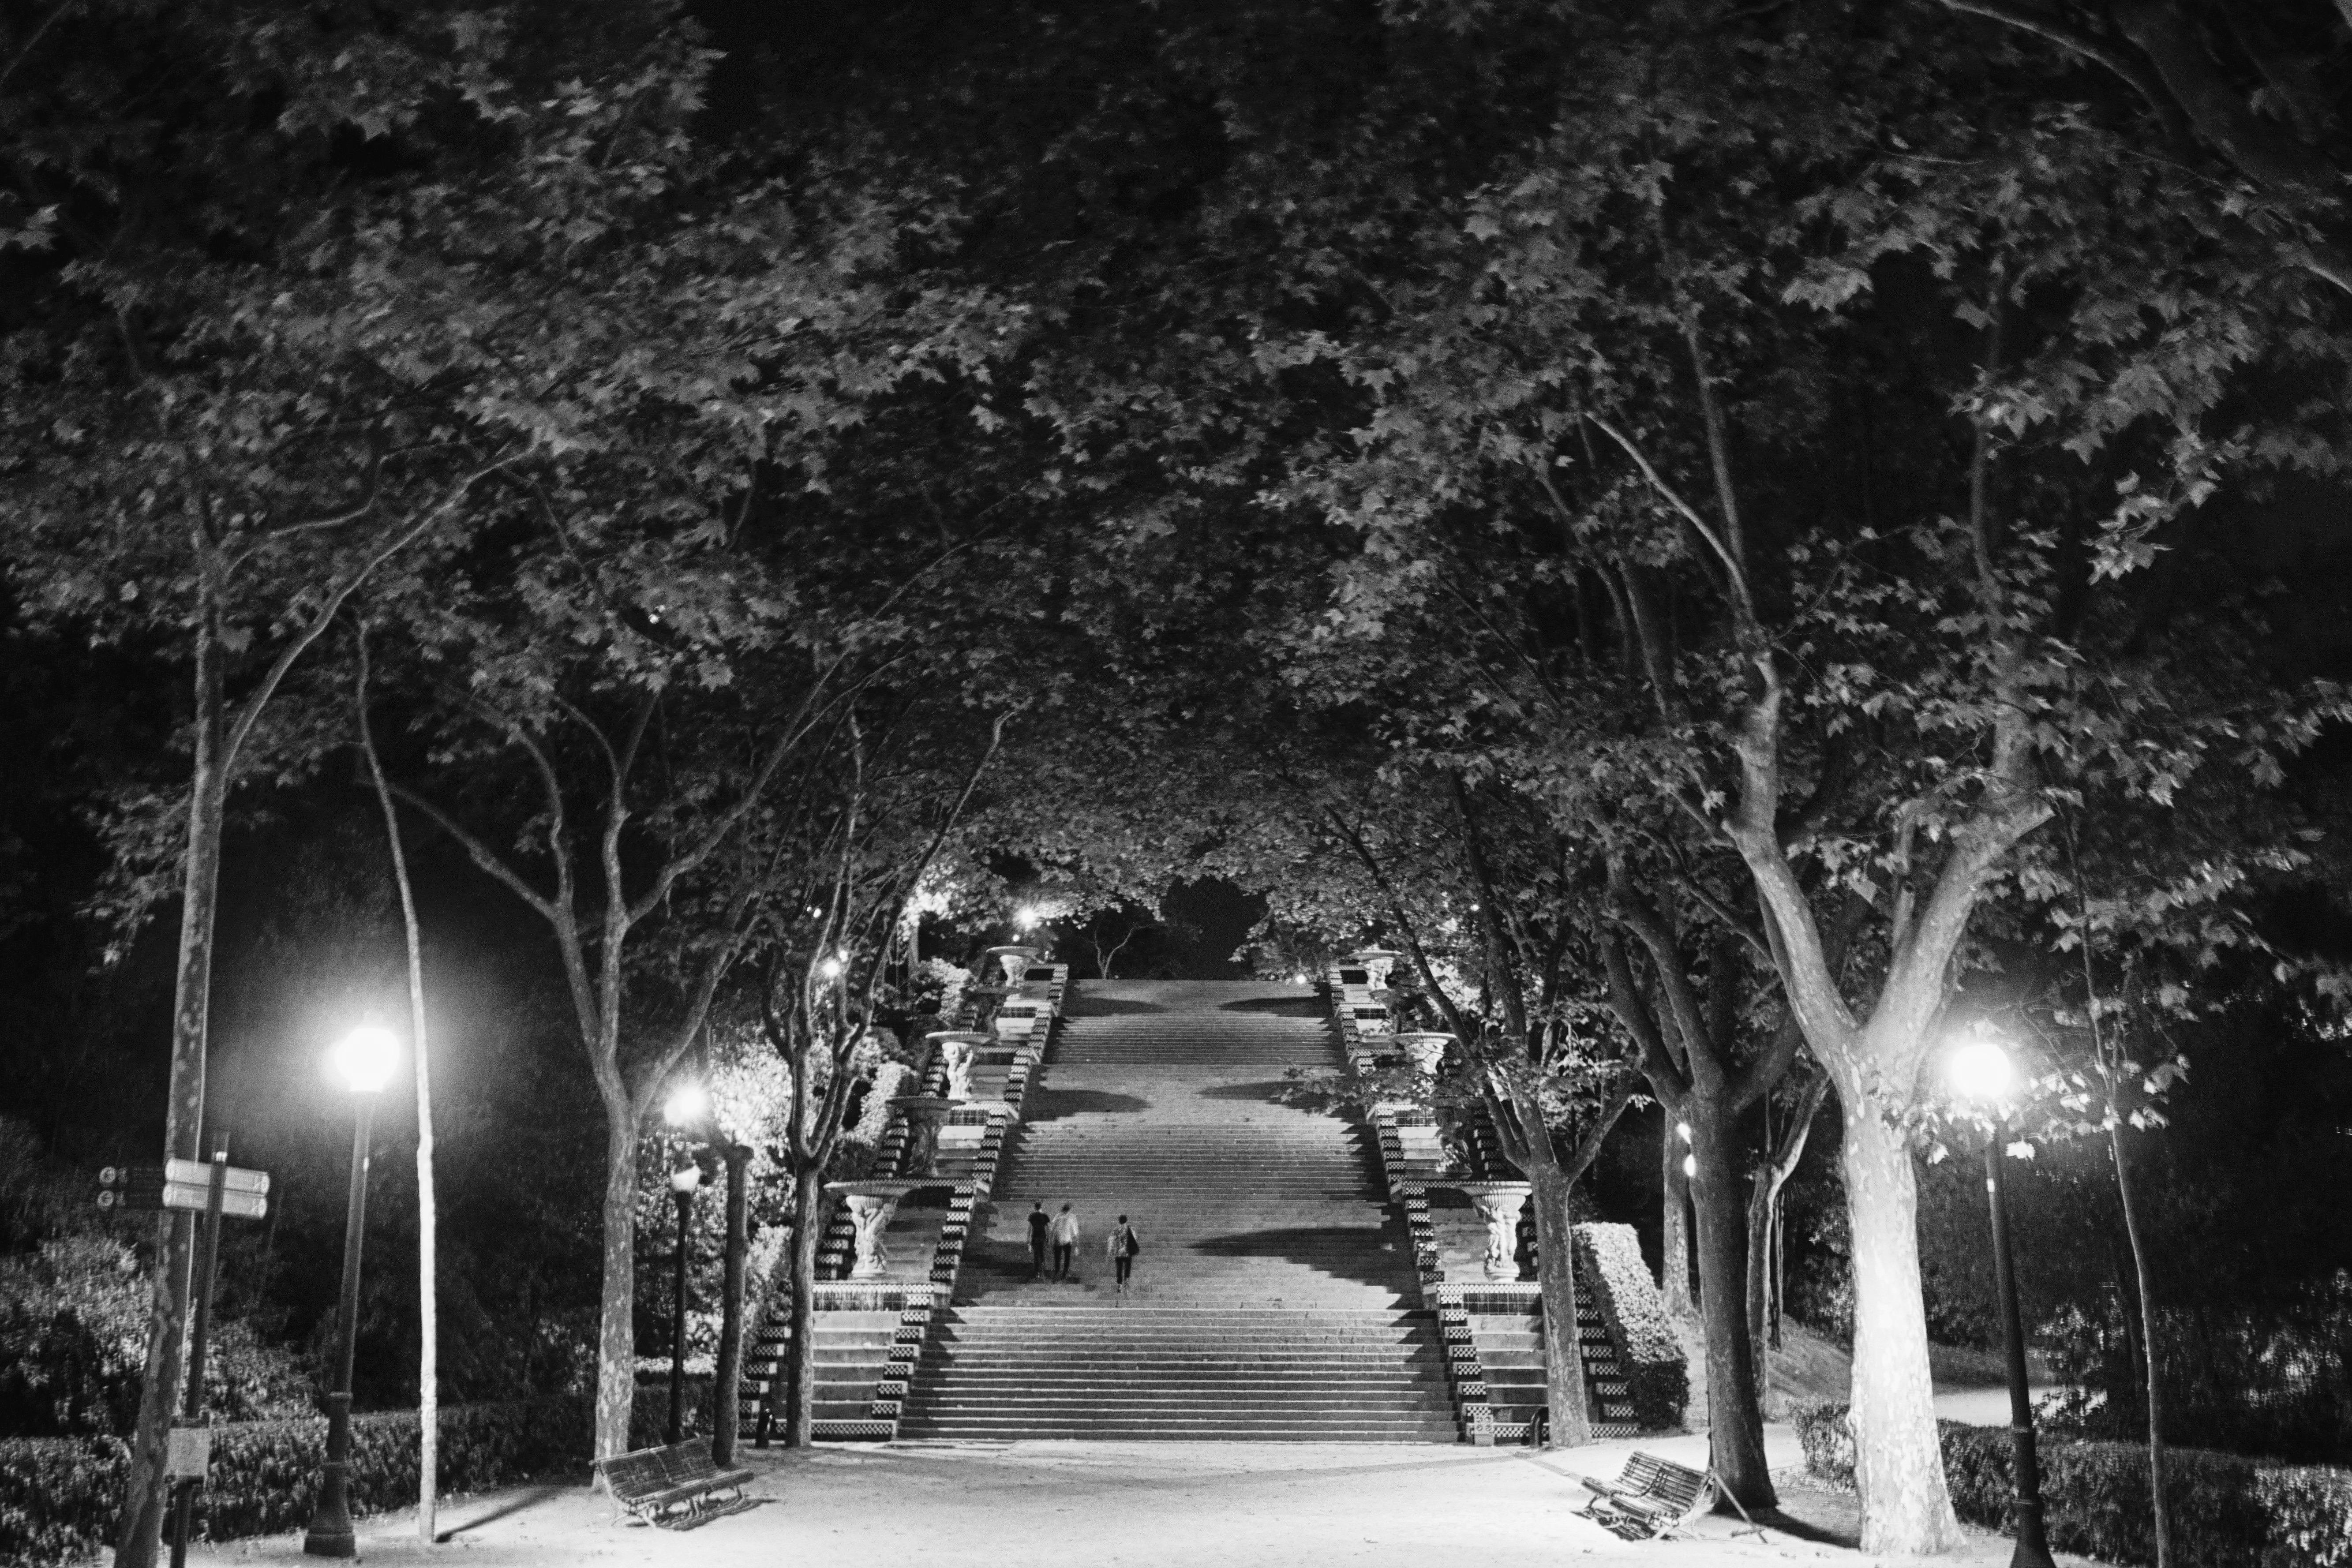 Athens Gardens